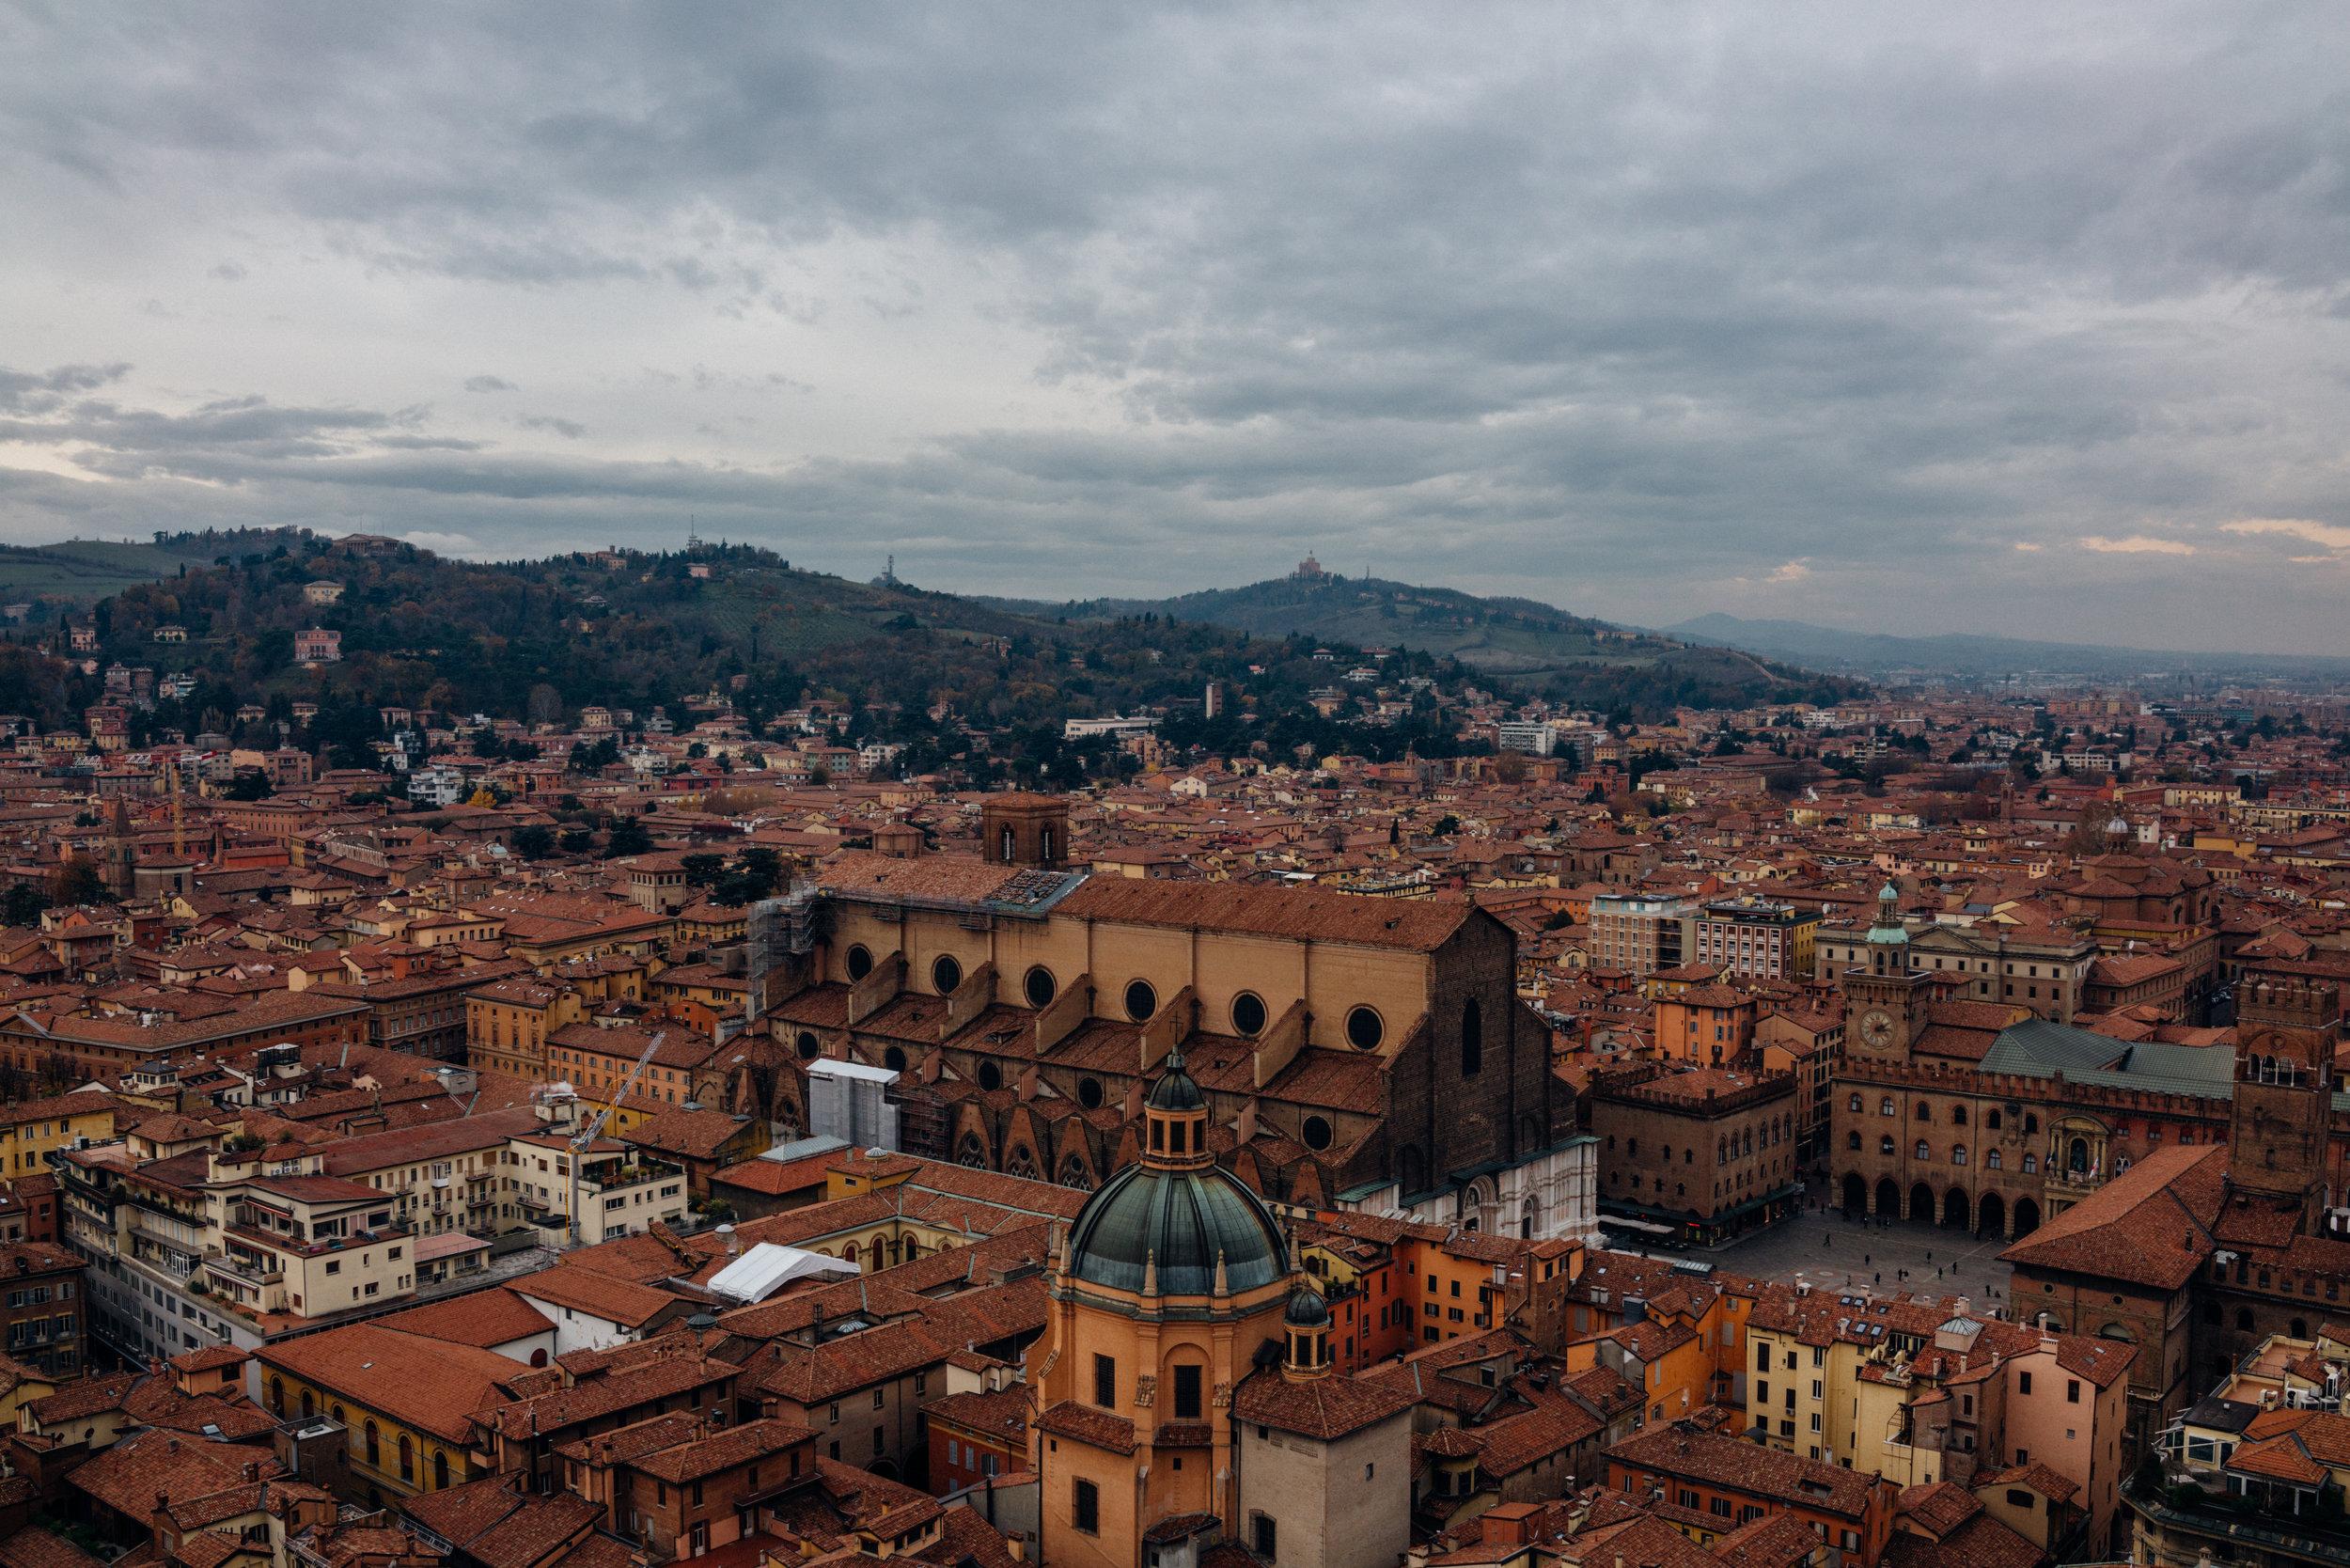 Vista di Bologna daTorre degli Asinelli.Puoi vedere Piazza Maggiore sulla destra